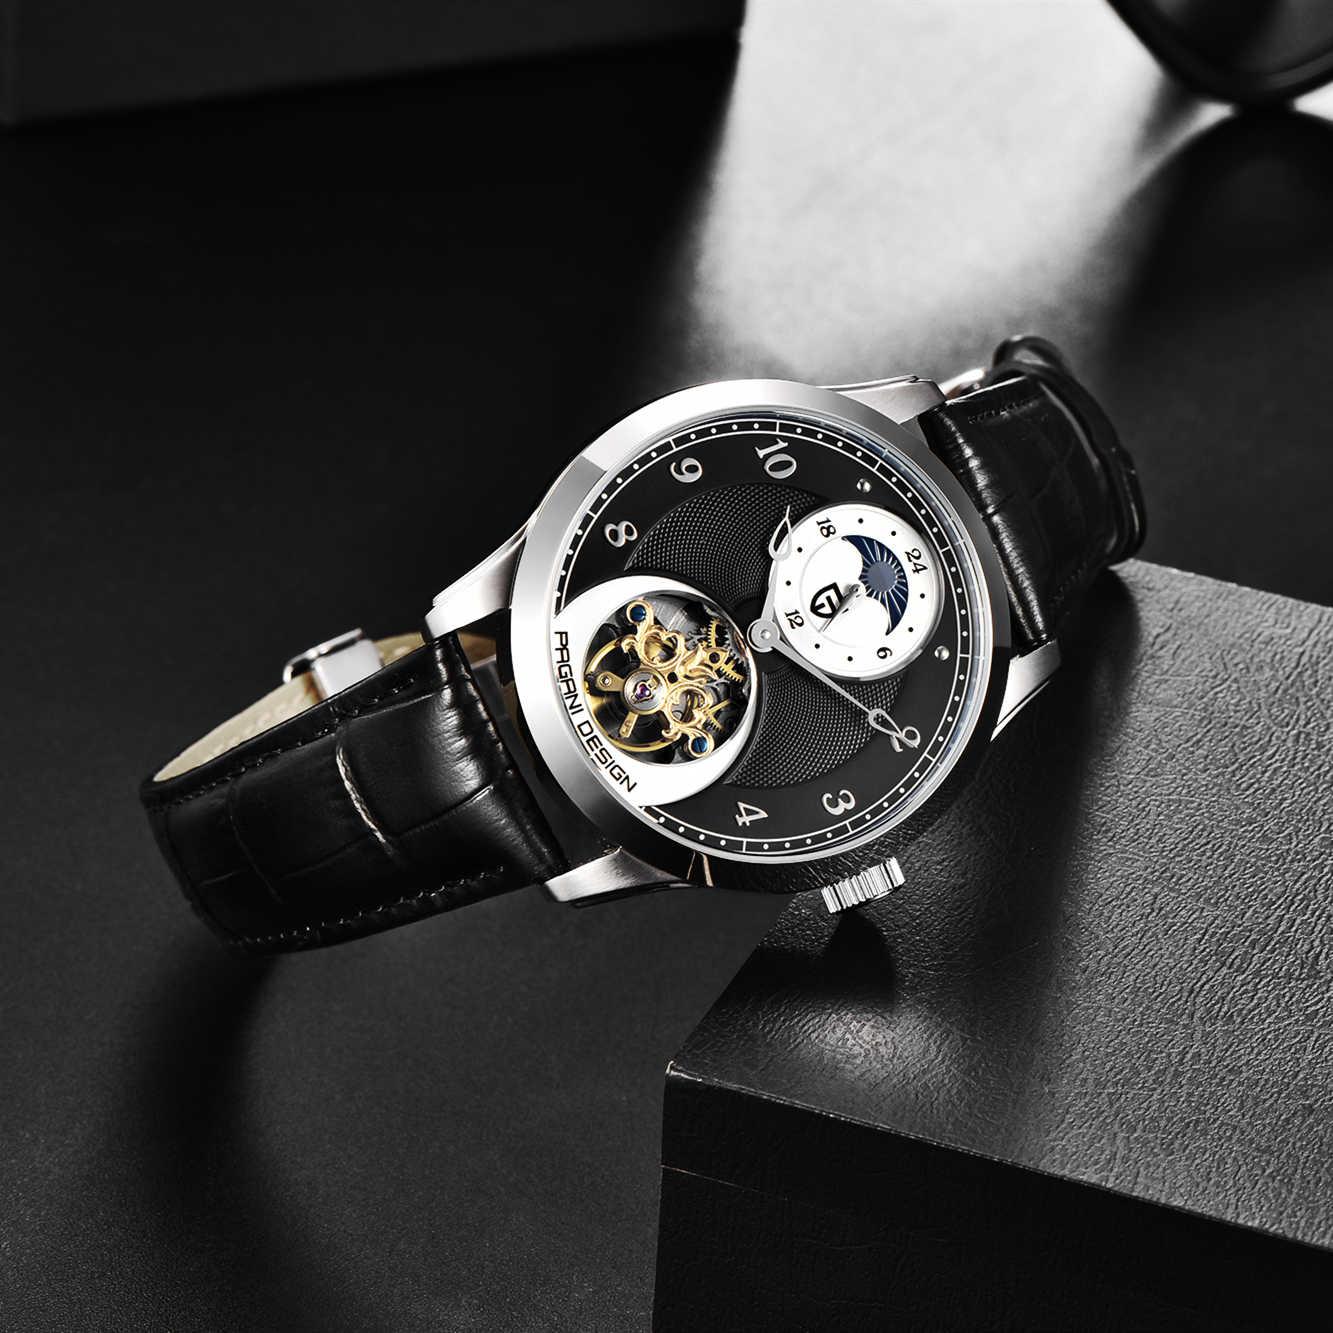 PAGANI DESIGN แฟชั่นผู้ชายนาฬิกาข้อมือกีฬานาฬิกาผู้ชาย Tourbillon นาฬิกาอัตโนมัตินาฬิกากันน้ำ 100 เมตร